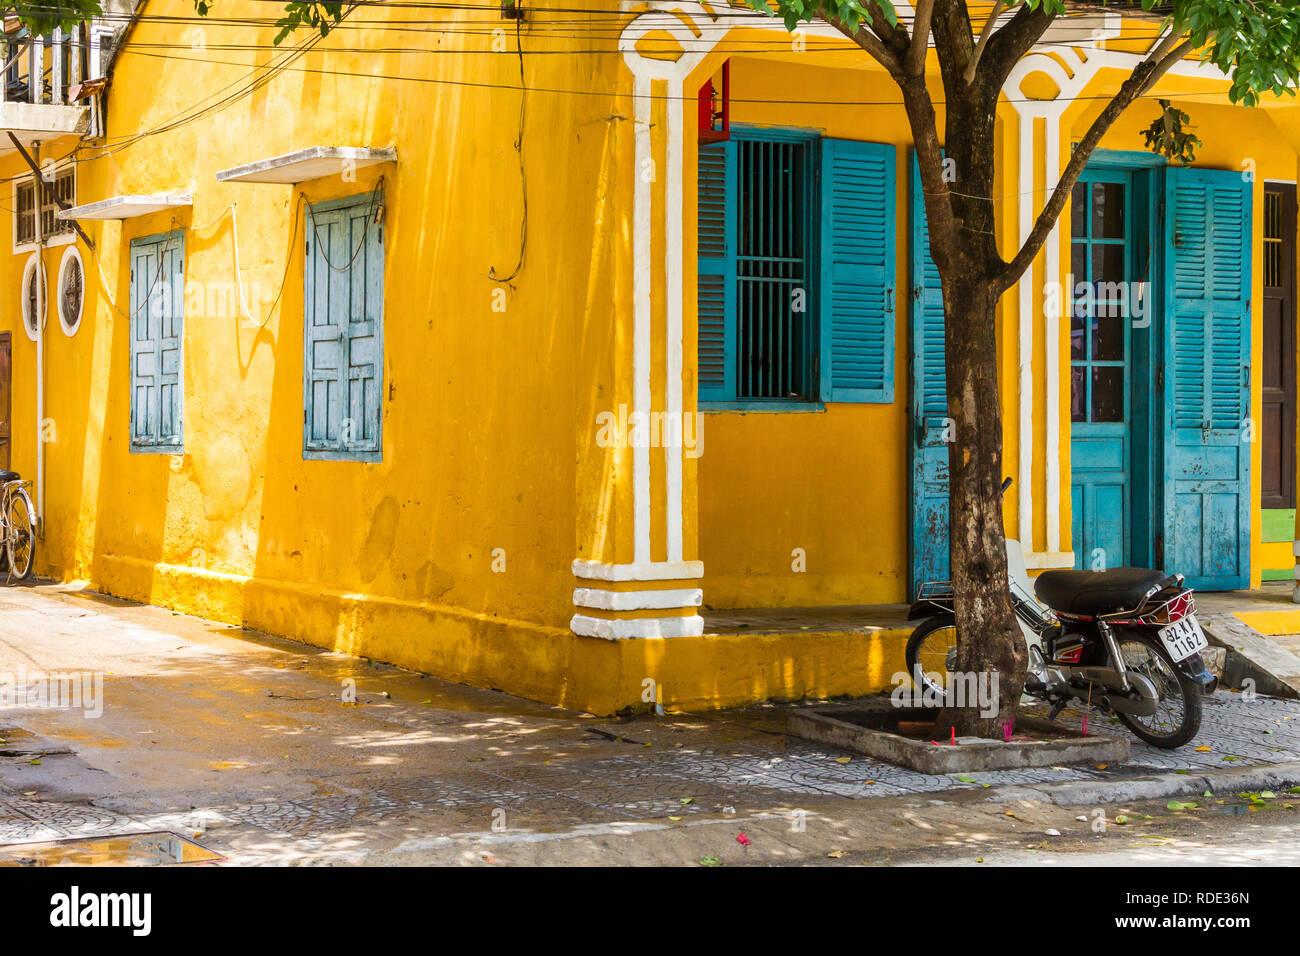 Vista anteriore e laterale di colore giallo brillante edificio con persiane blu e porte in Hoi An, Vietnam con moto accanto a tree Immagini Stock